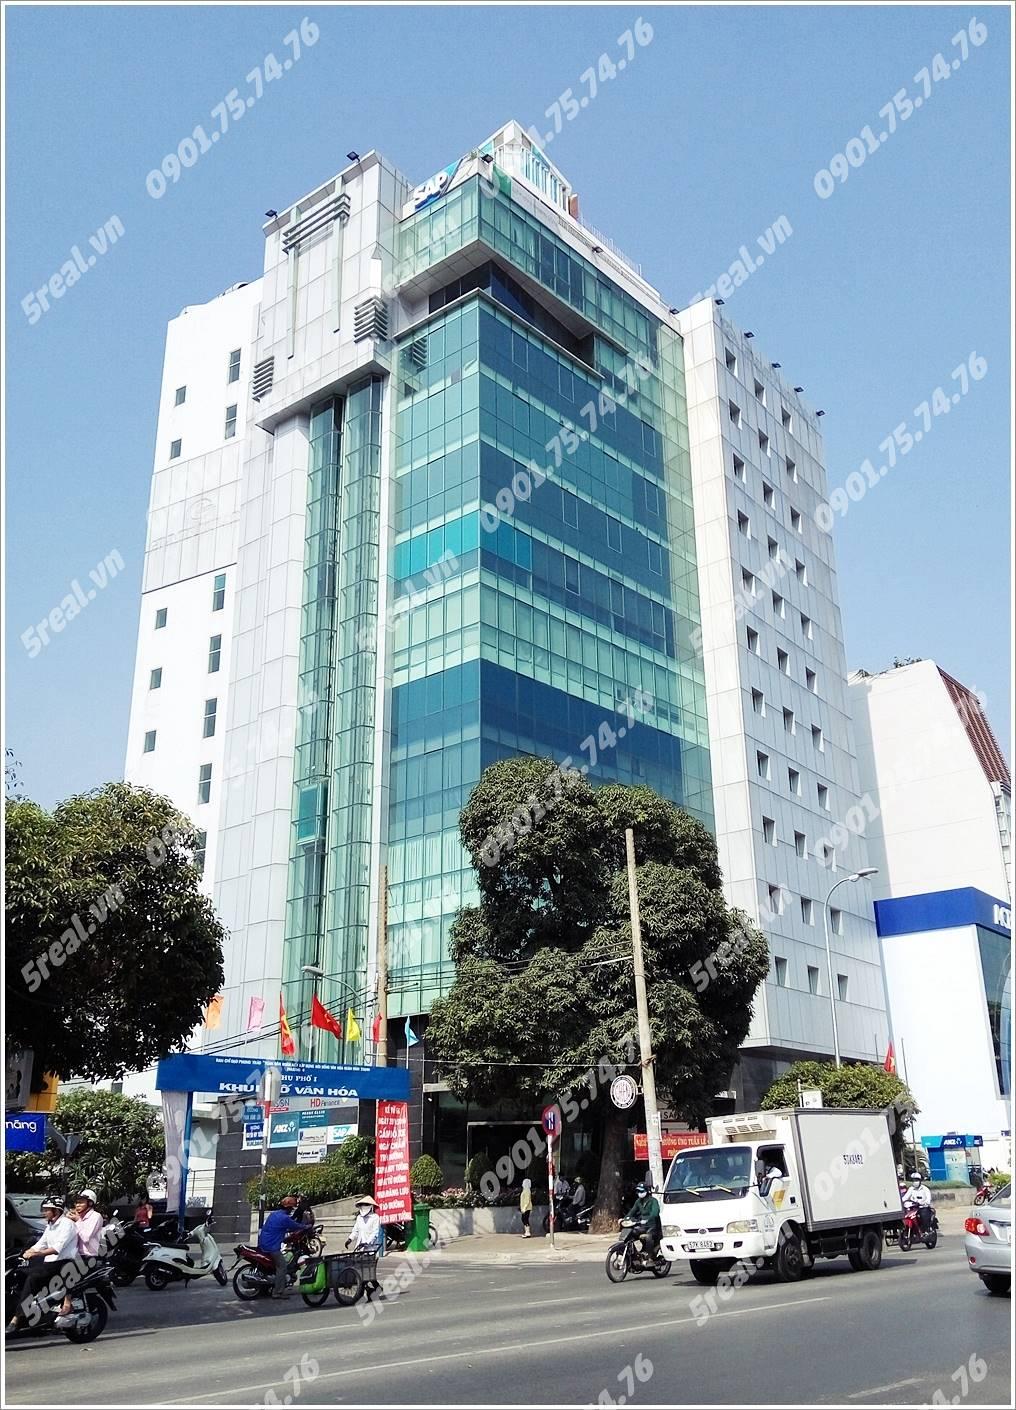 gilimex-tower-phan-dang-luu-quan-binh-thanh-van-phong-cho-thue-tphcm-5real.vn-01